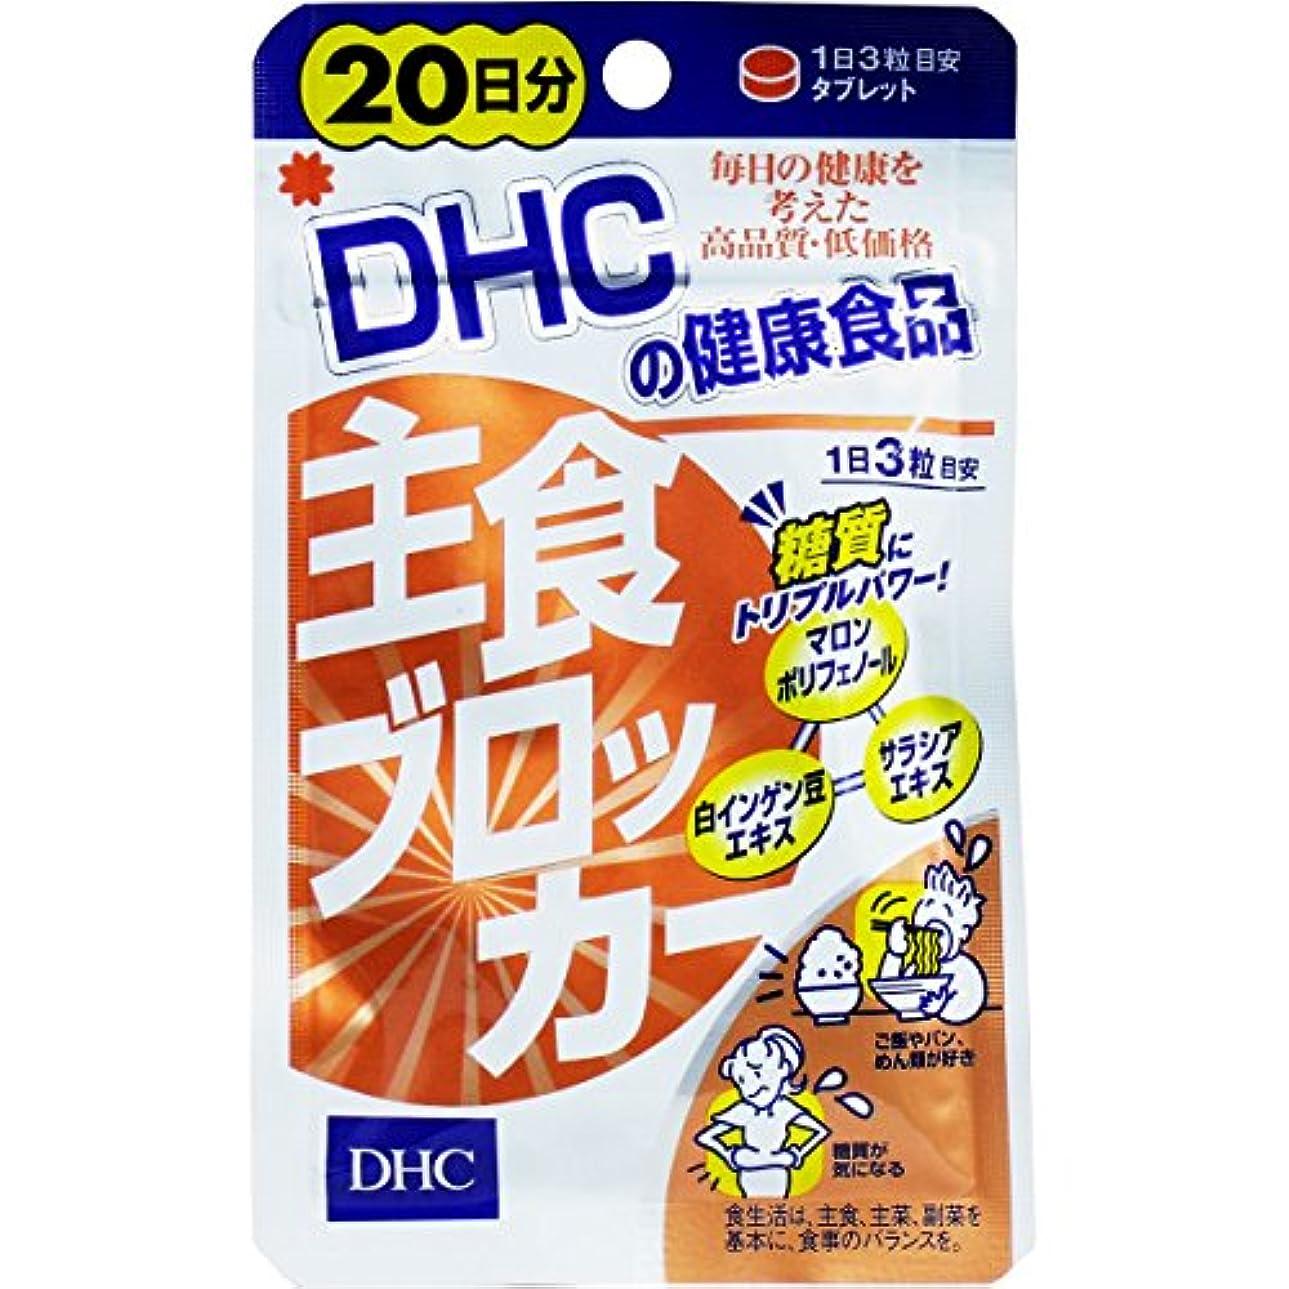 交換特別に合意DHC 主食ブロッカー 20日分 60粒(12g) ×5個セット